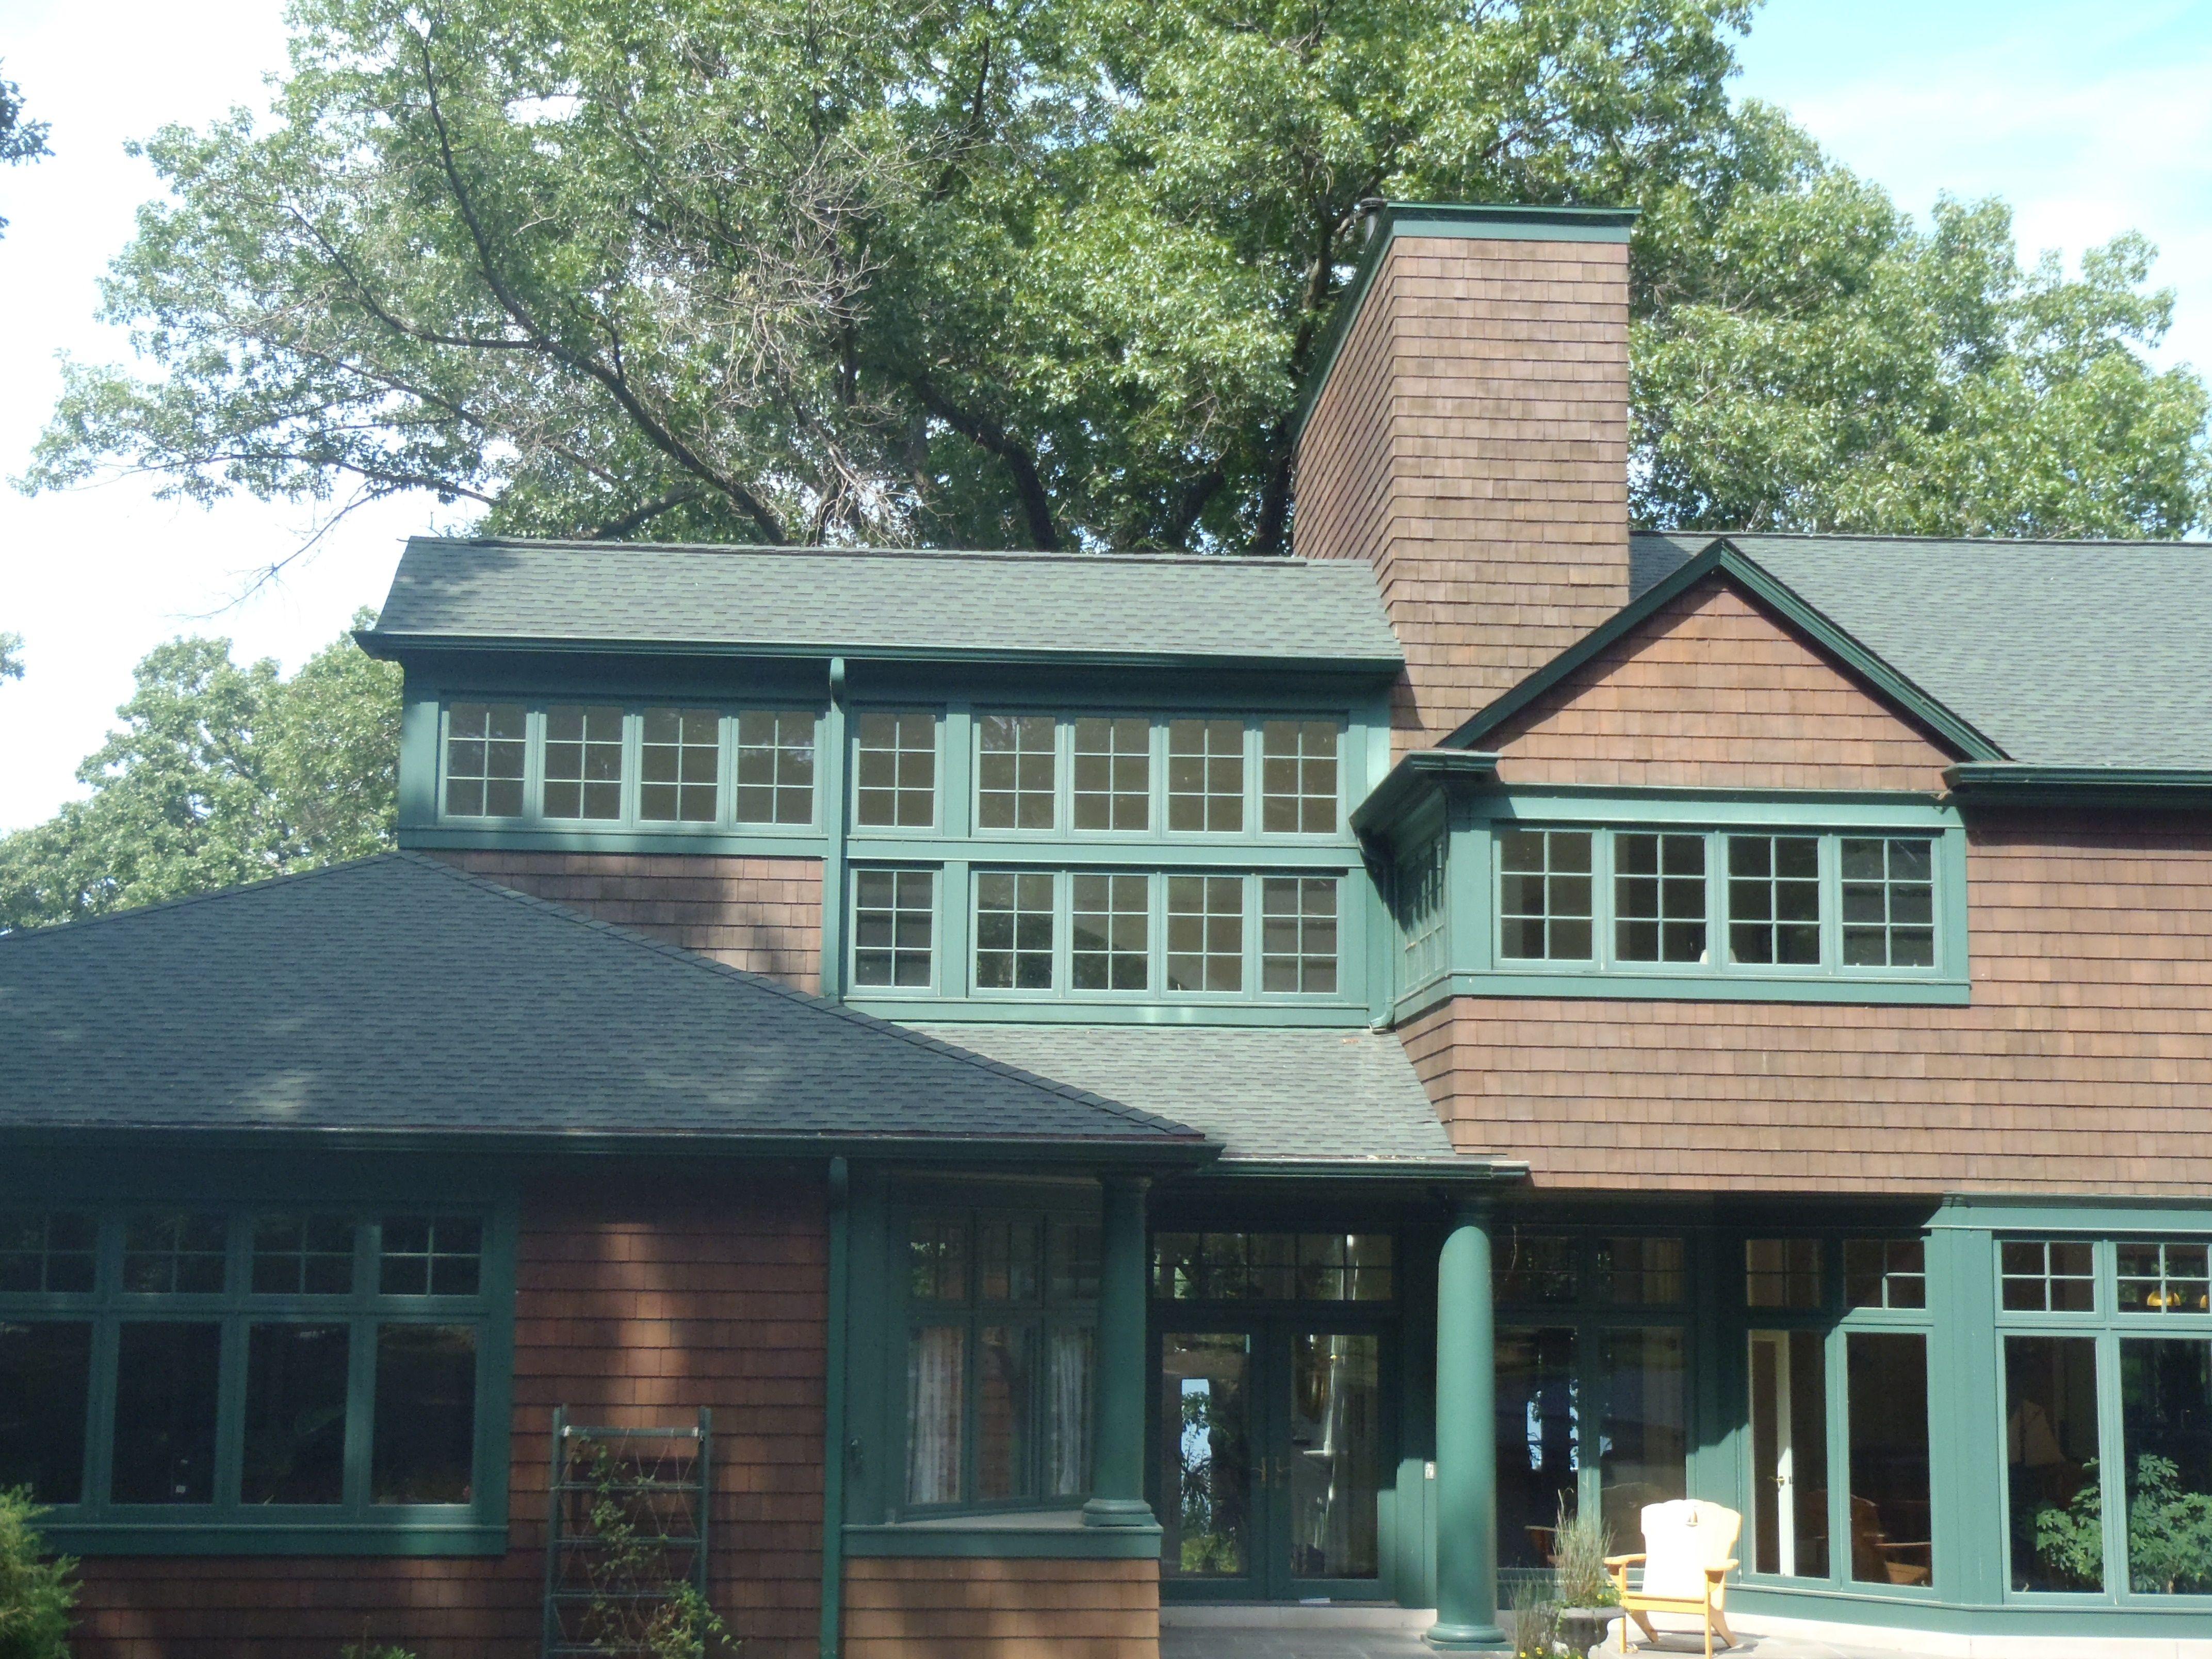 Best Gaf Timberline Hunter Green Master Elite Roofing House 400 x 300